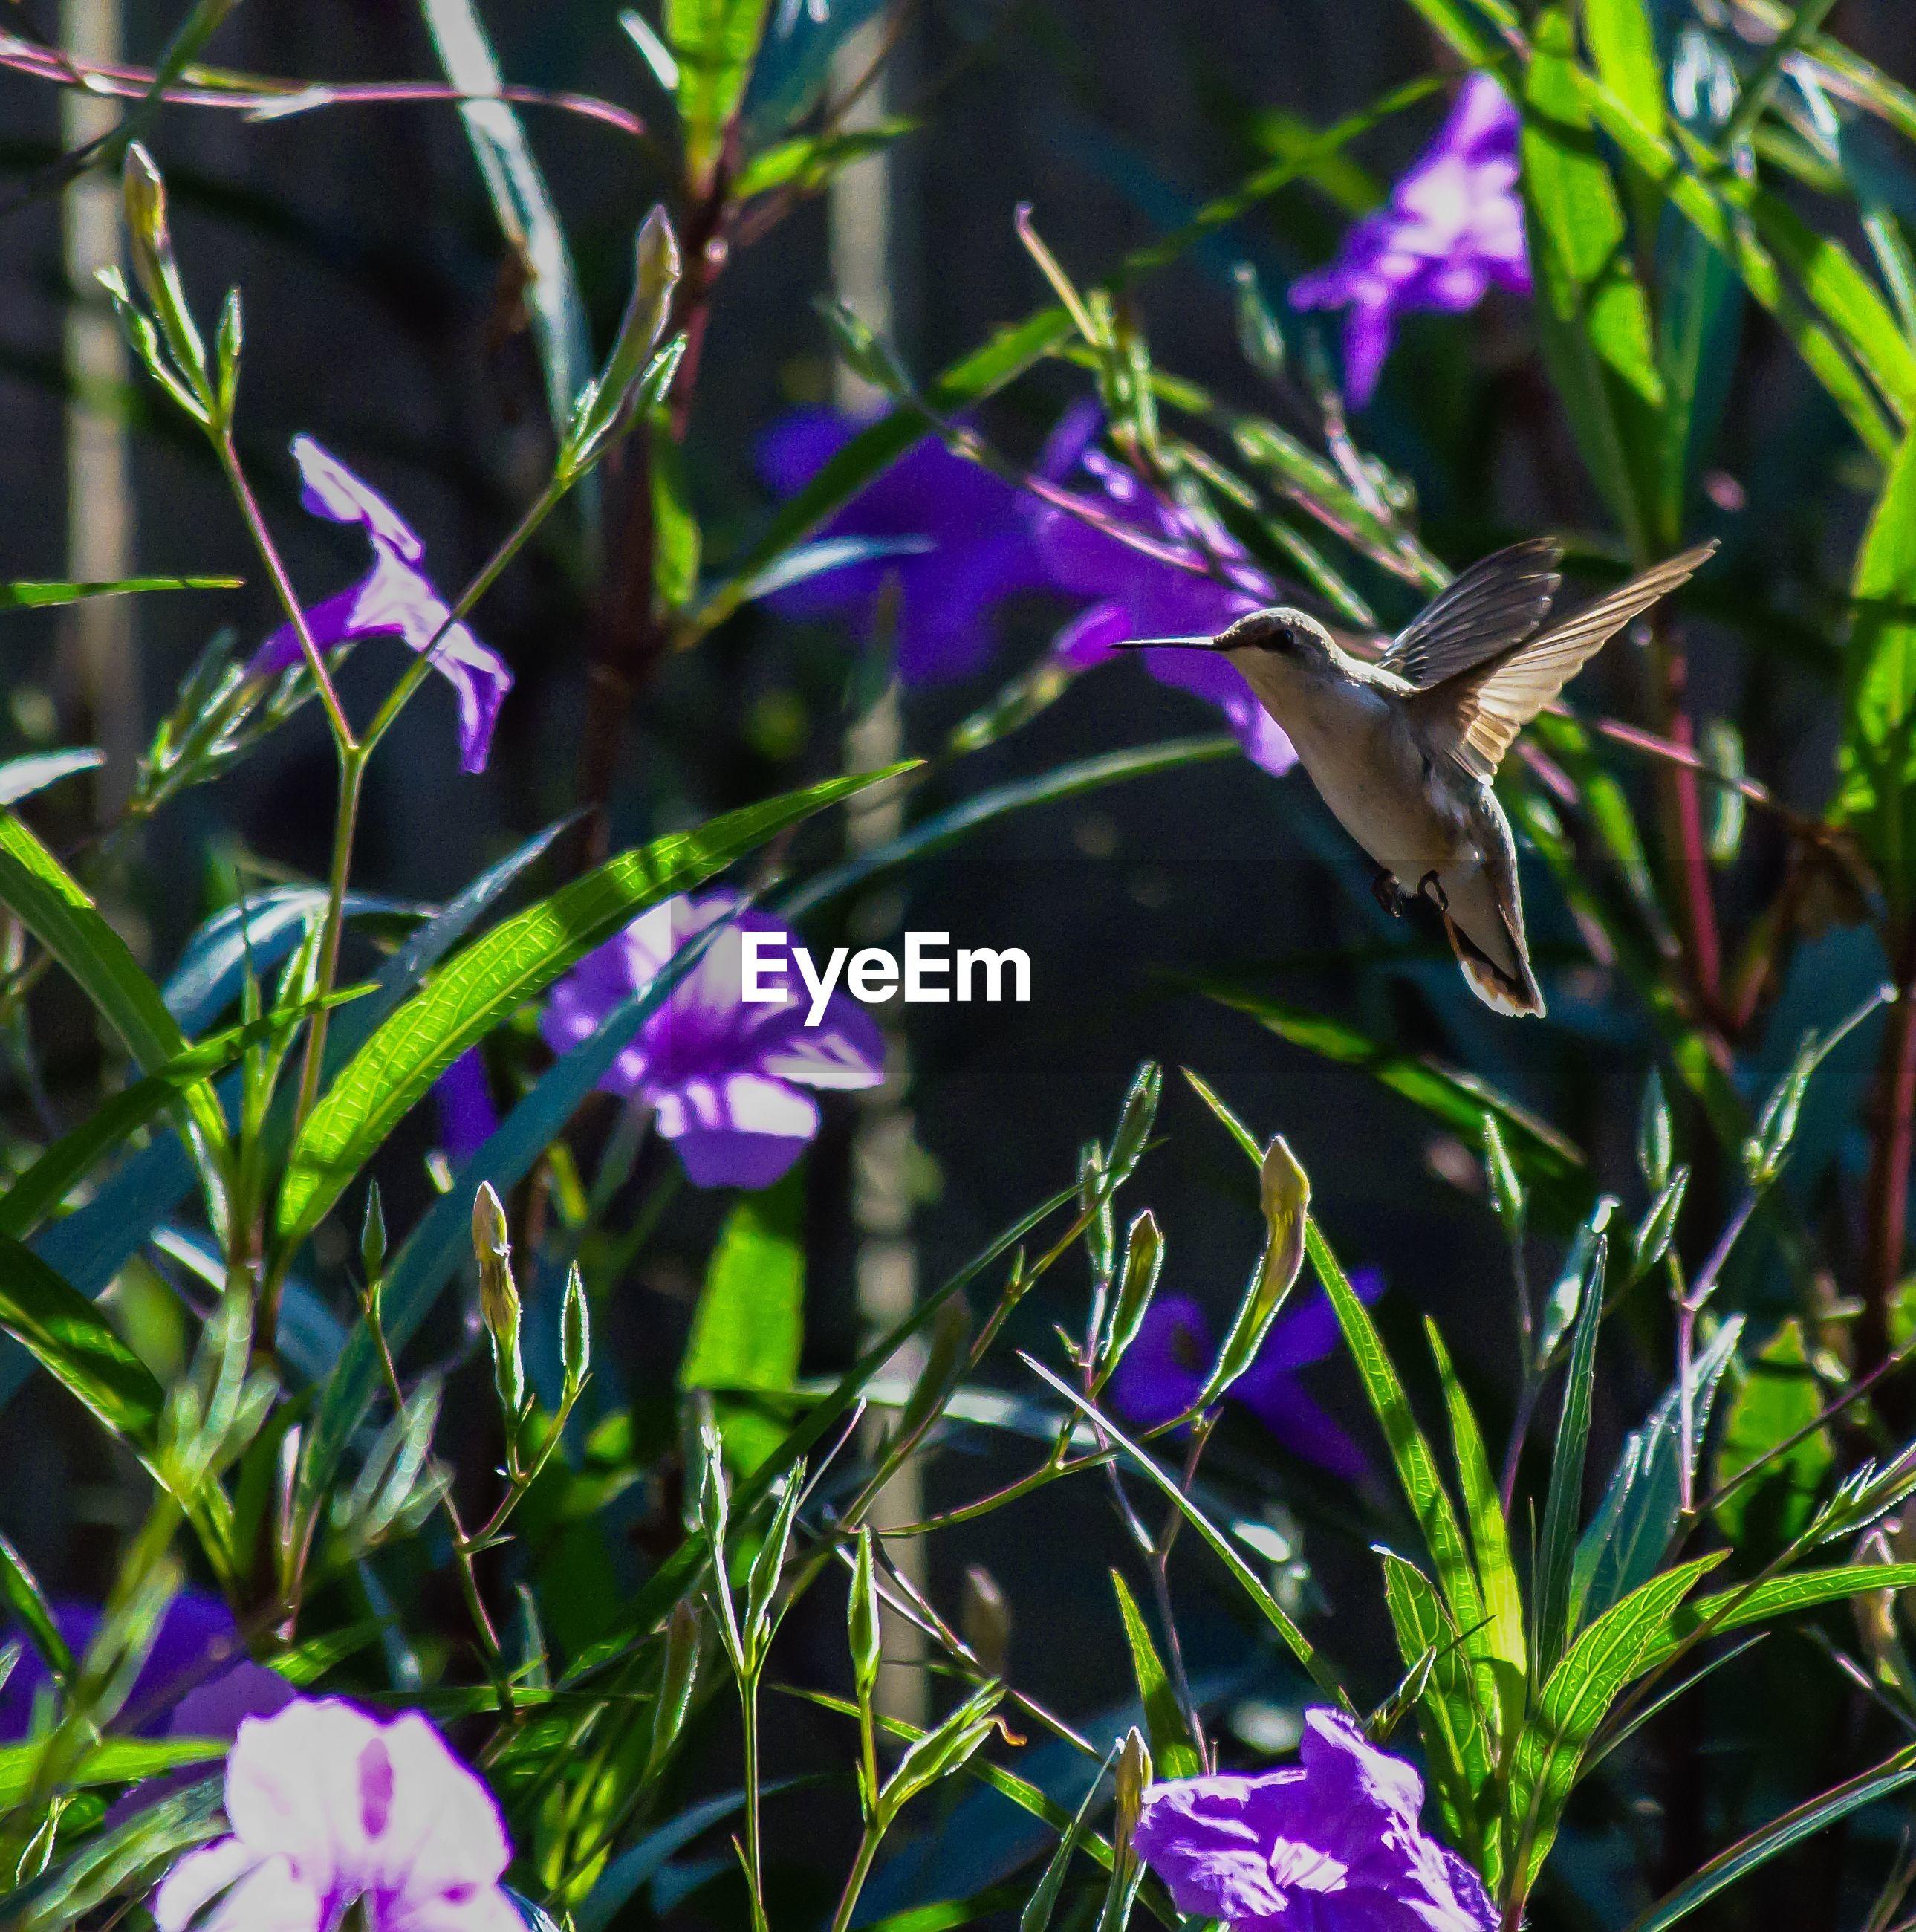 FRESH PURPLE FLOWERING PLANTS GROWING OUTDOORS